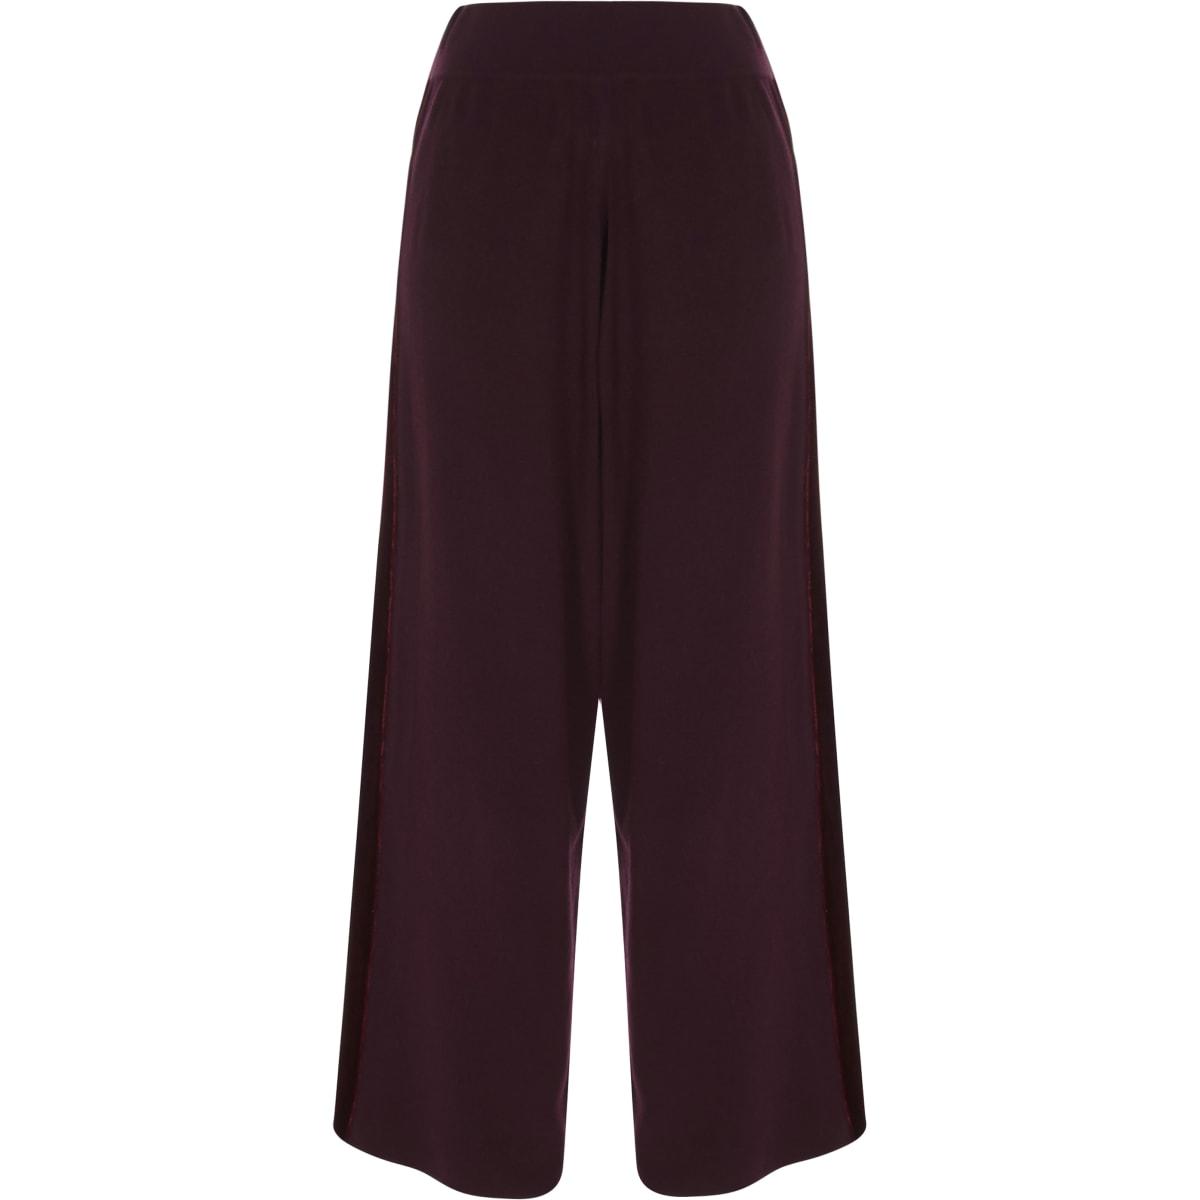 Burgundy wide leg velvet panel knit trousers